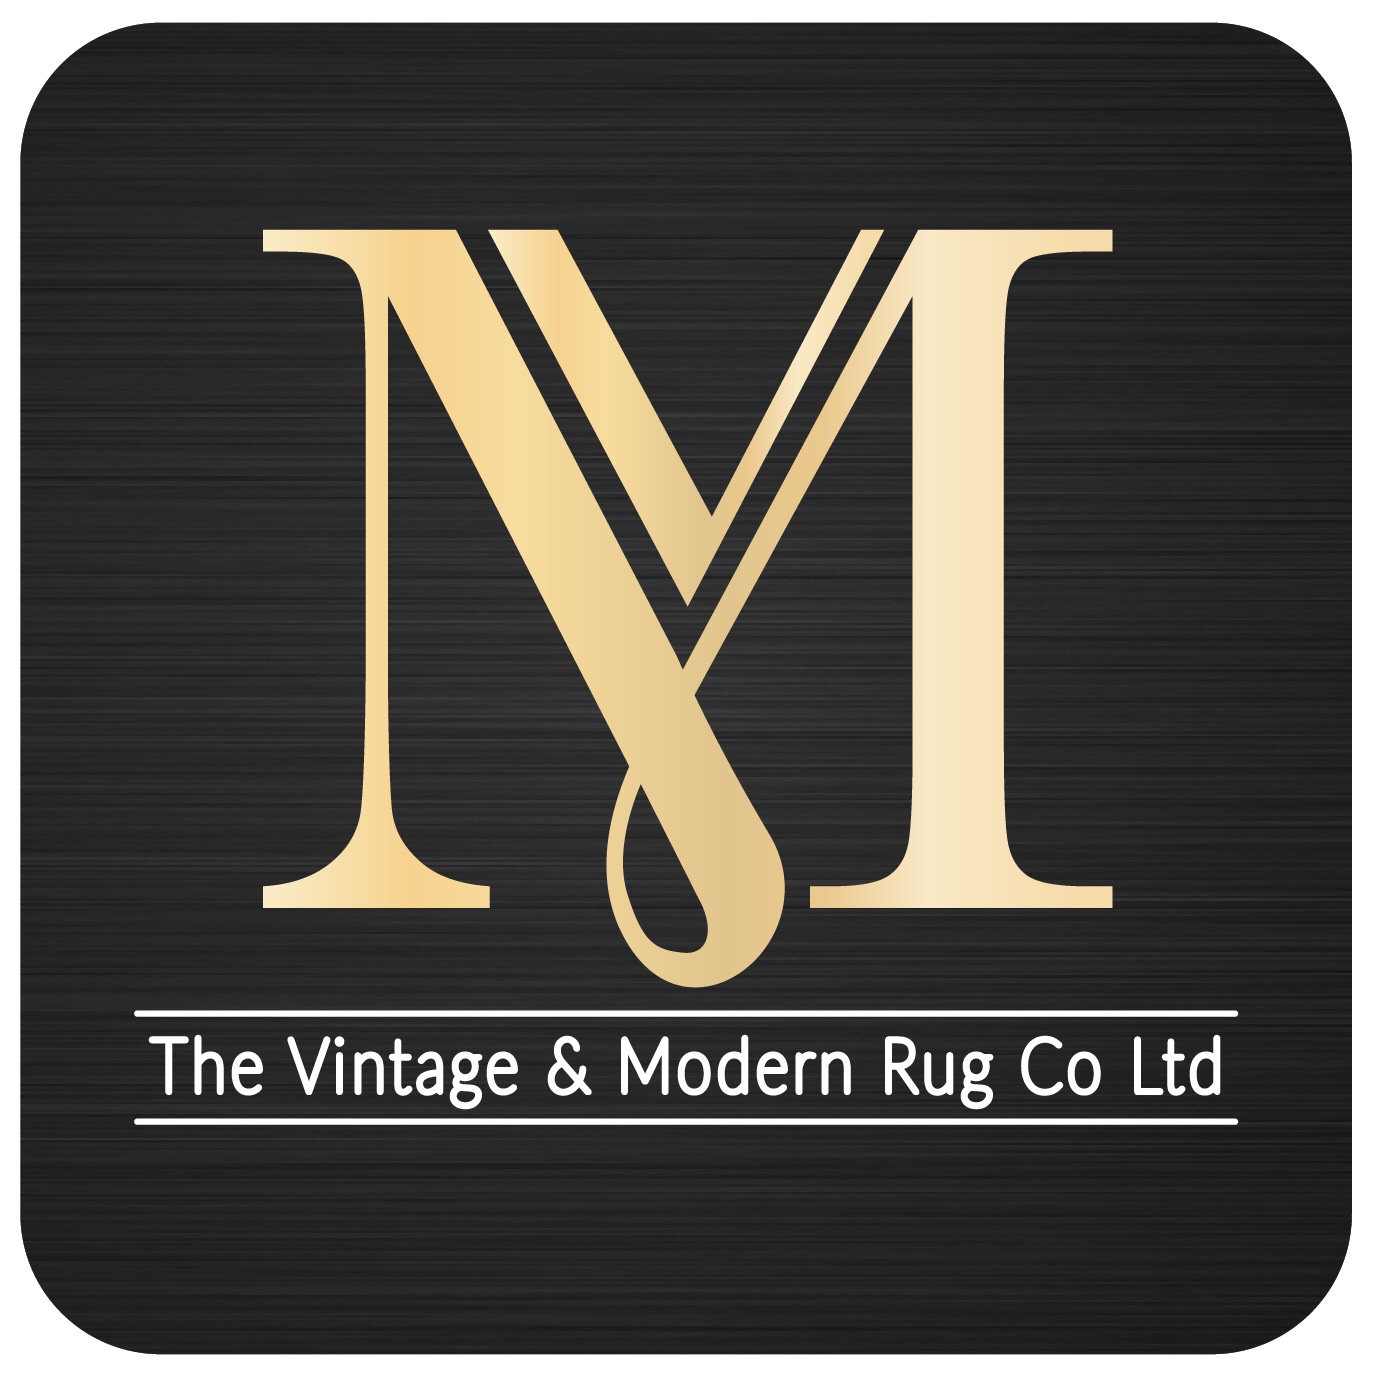 The Vintage & Modern Rug Co Ltd